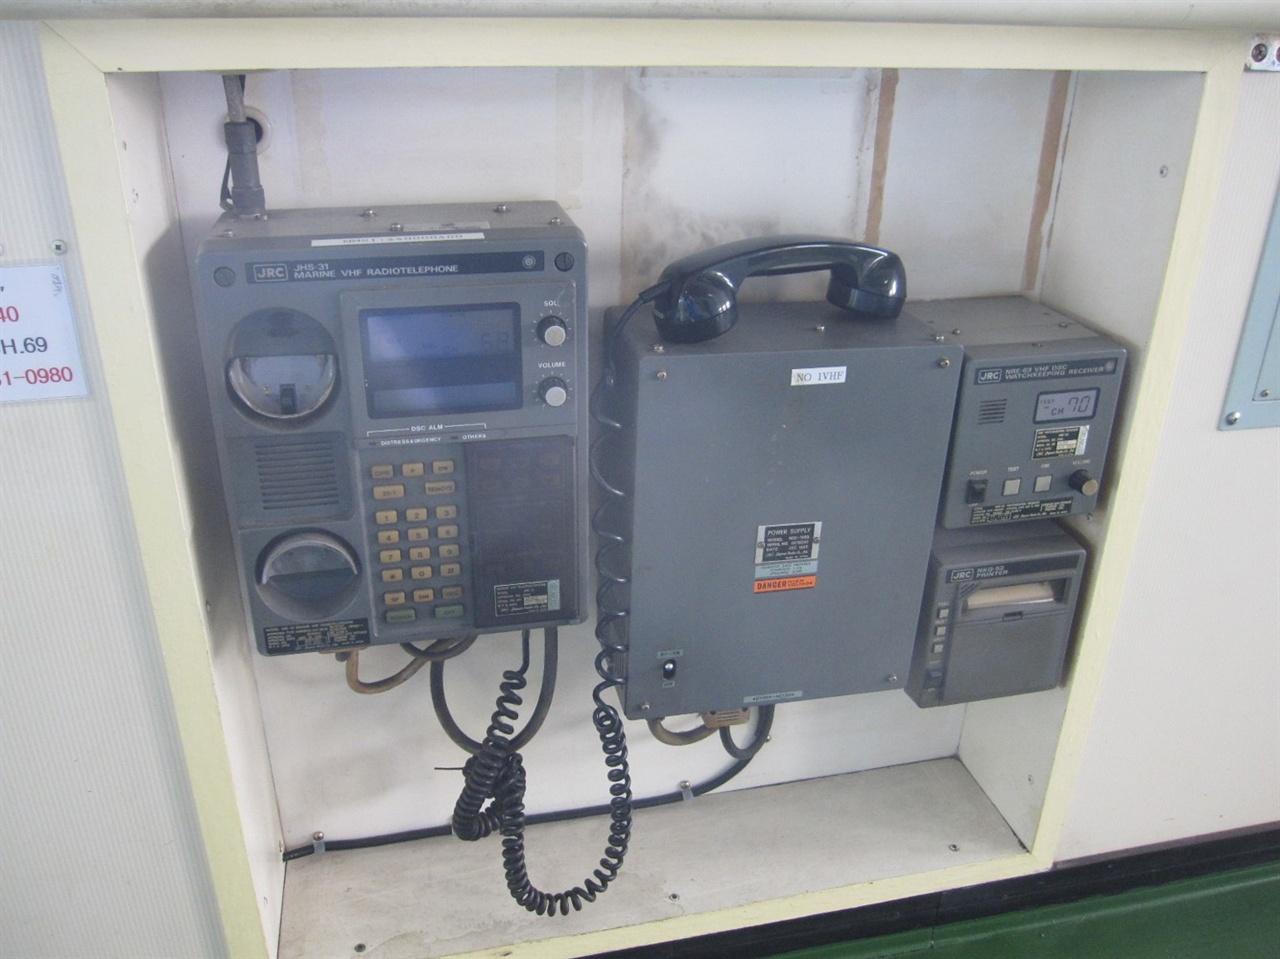 세월호 조타실 앞쪽에 설치된 VHF